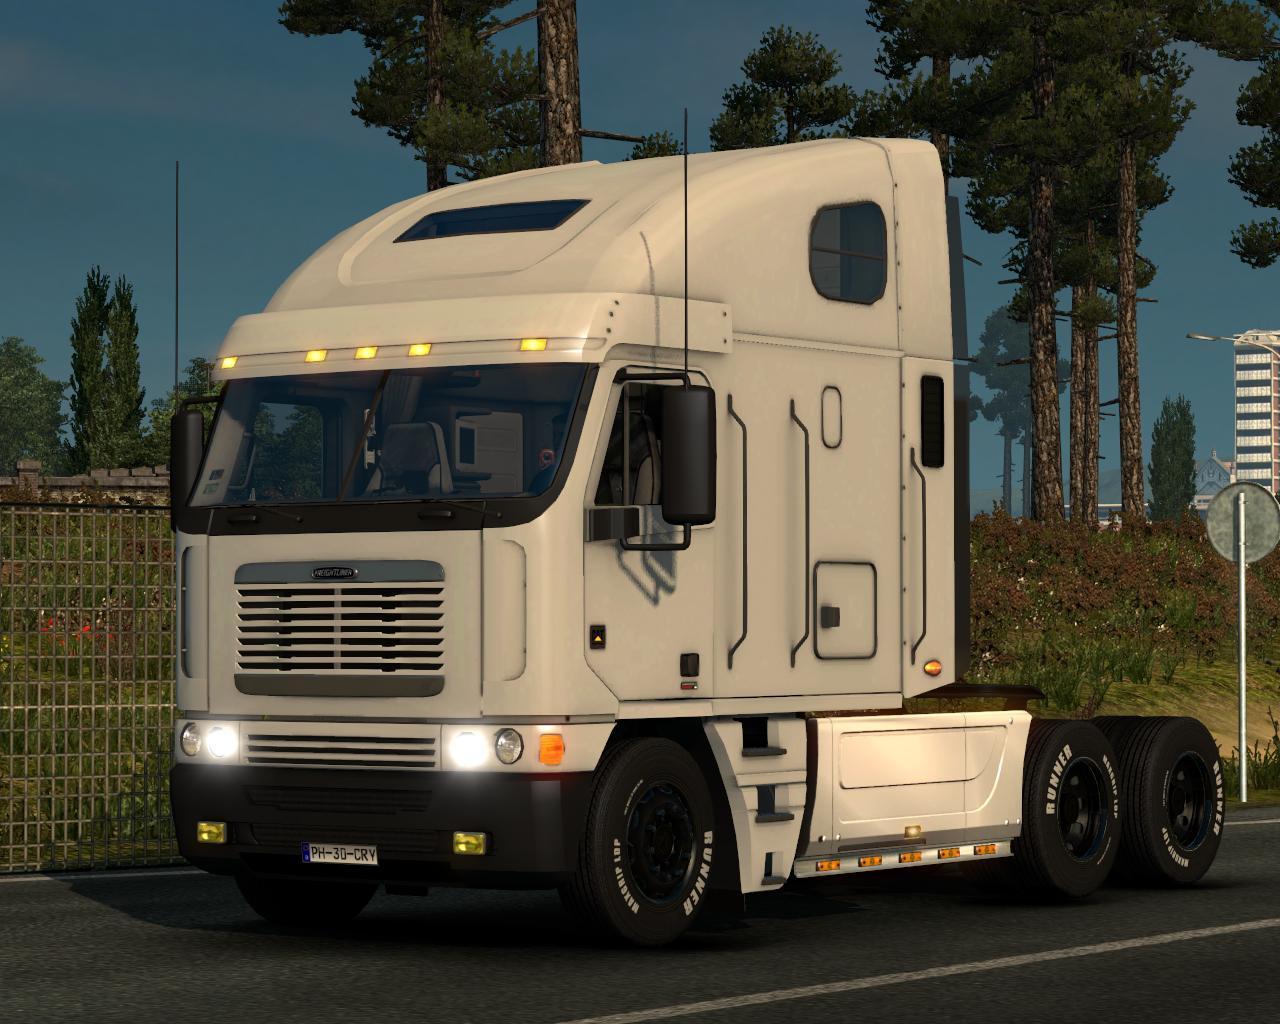 Freightliner Argosy Deluxe 1 22 X Truck Euro Truck